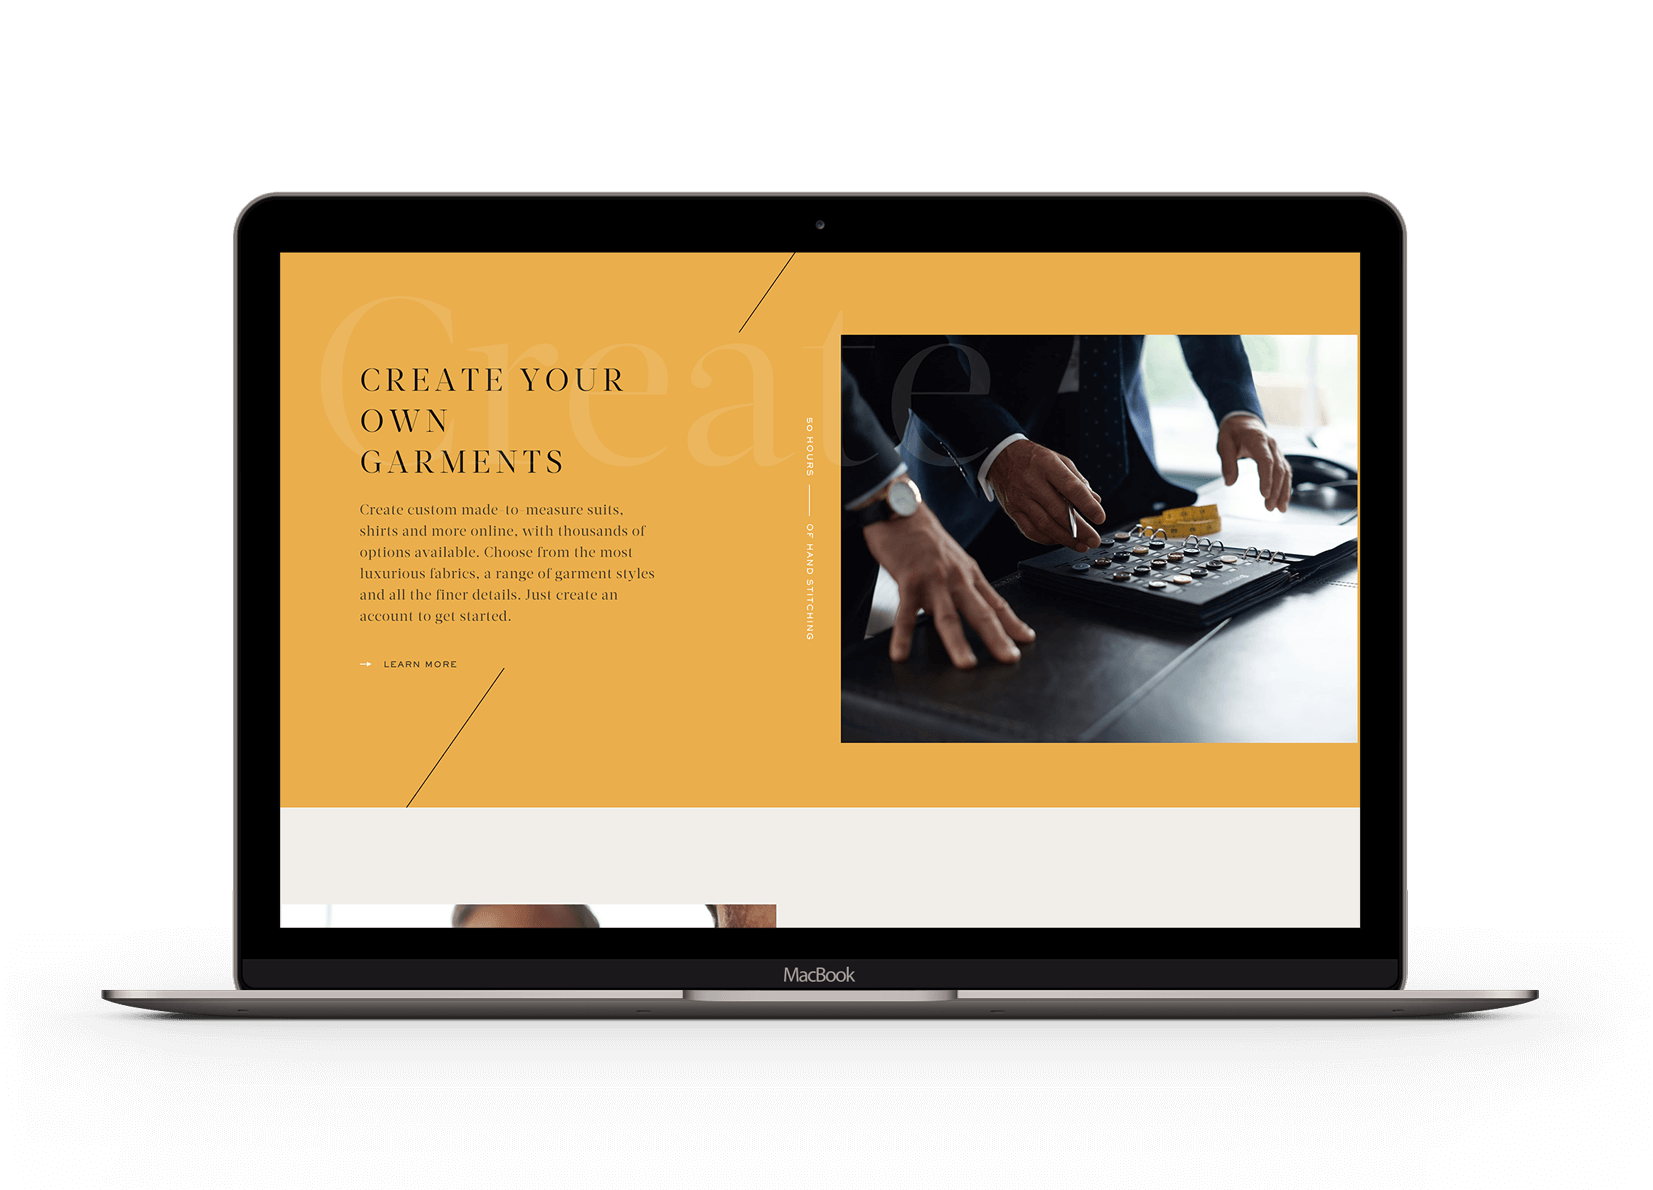 Chânelle-Sharp-Digital-Designer-Senszio-MacBook-5